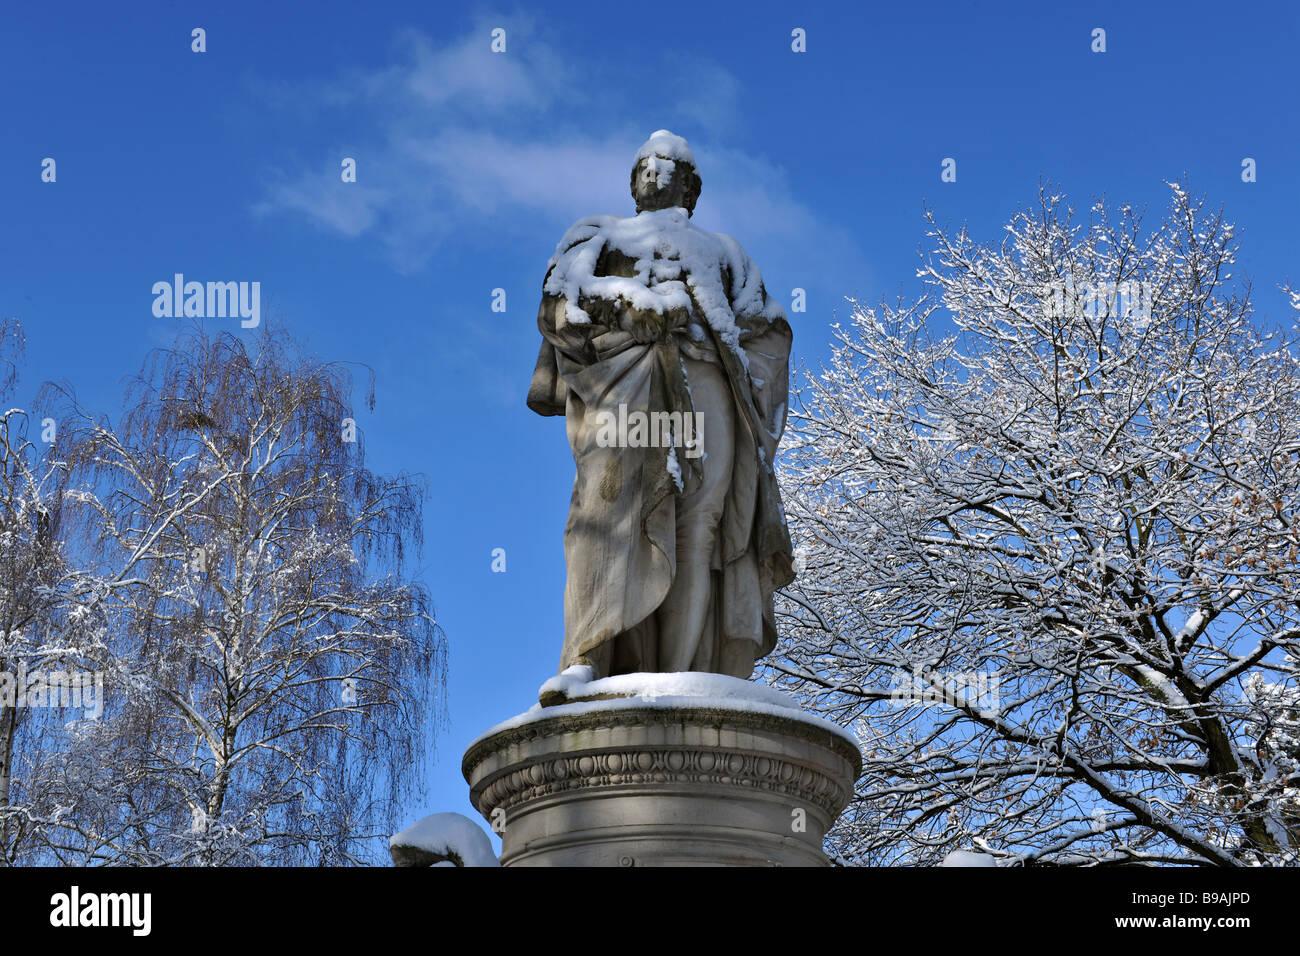 Germany Berlin Goethe statue in Tiergarten city center 2009 - Stock Image